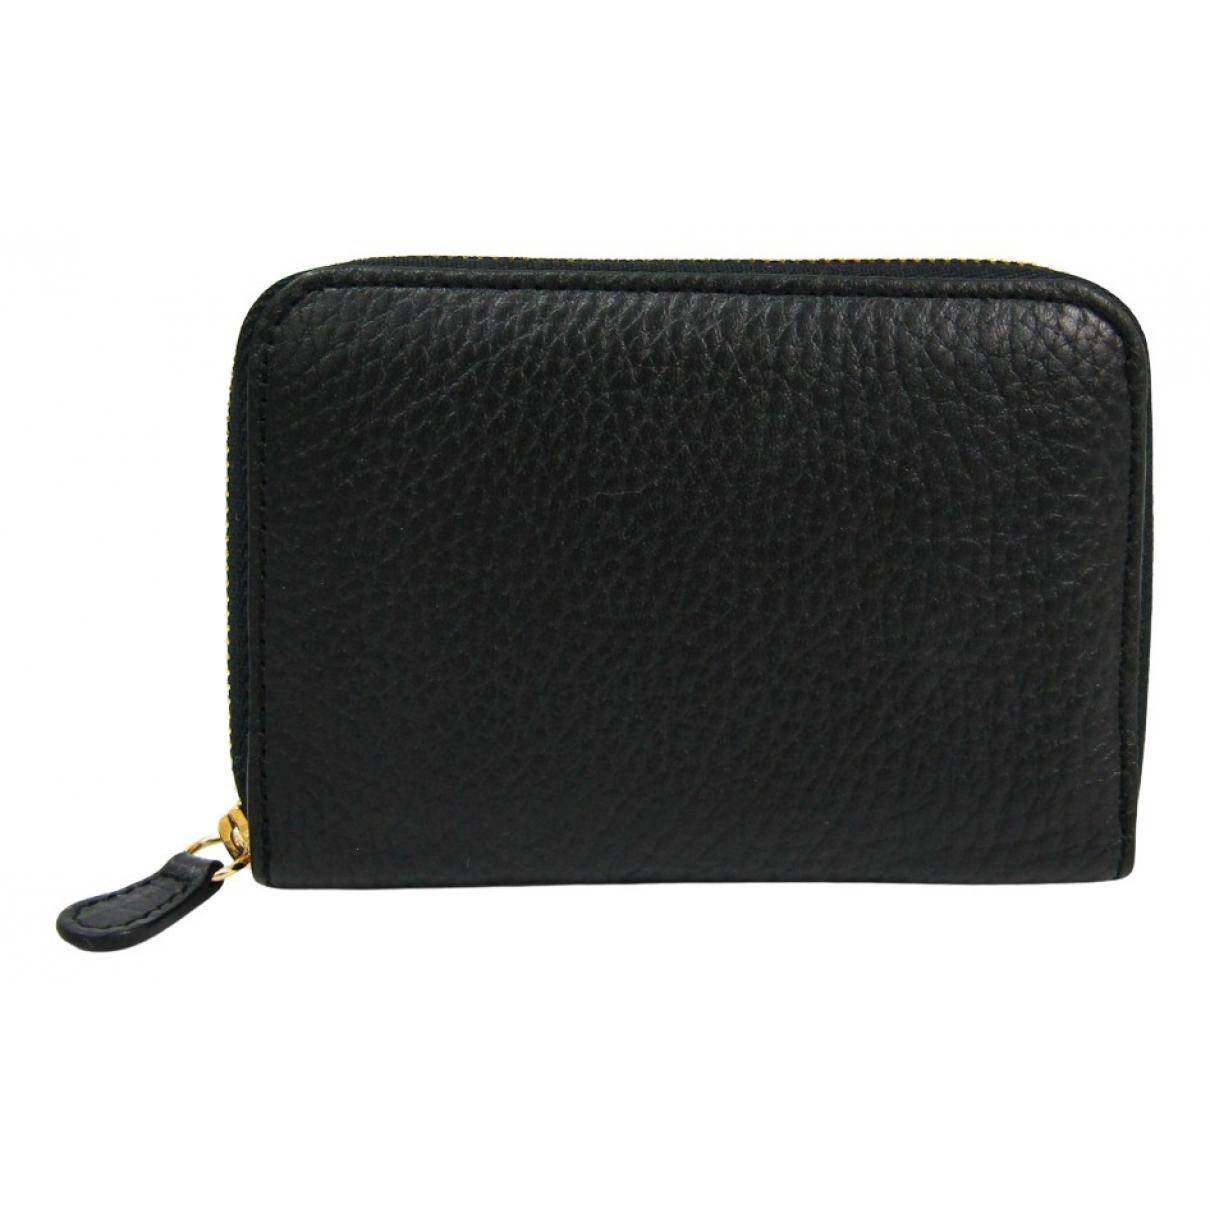 J & M Davidson - Portefeuille   pour femme en cuir - noir